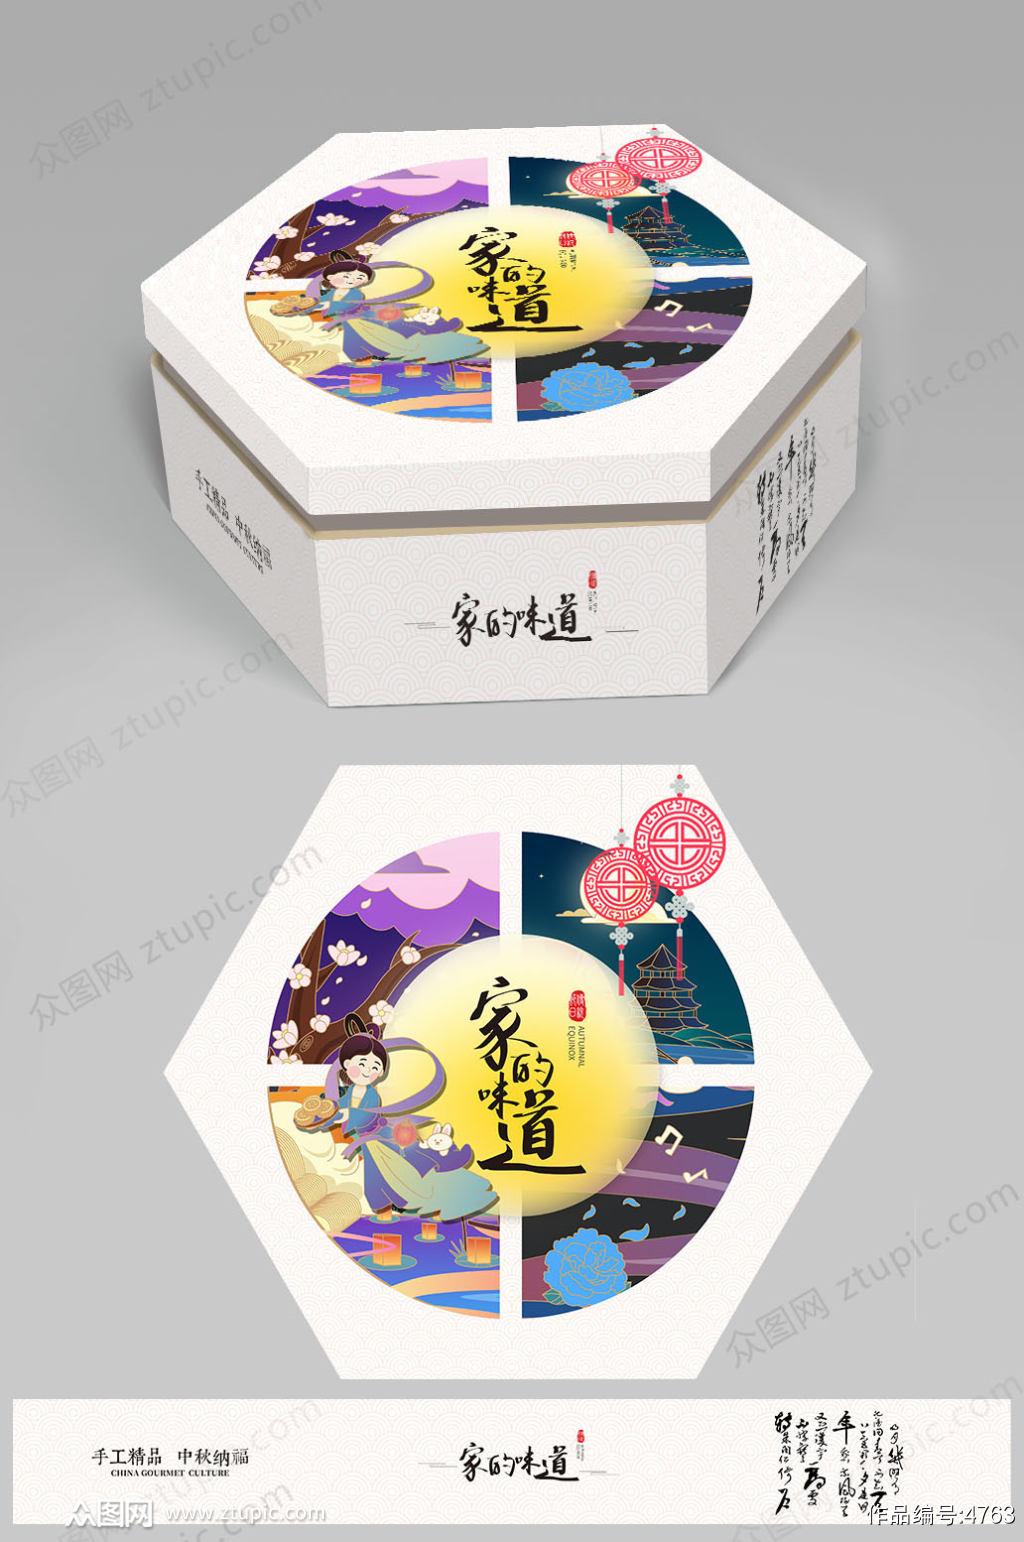 高端大气中秋节月饼盒设计素材